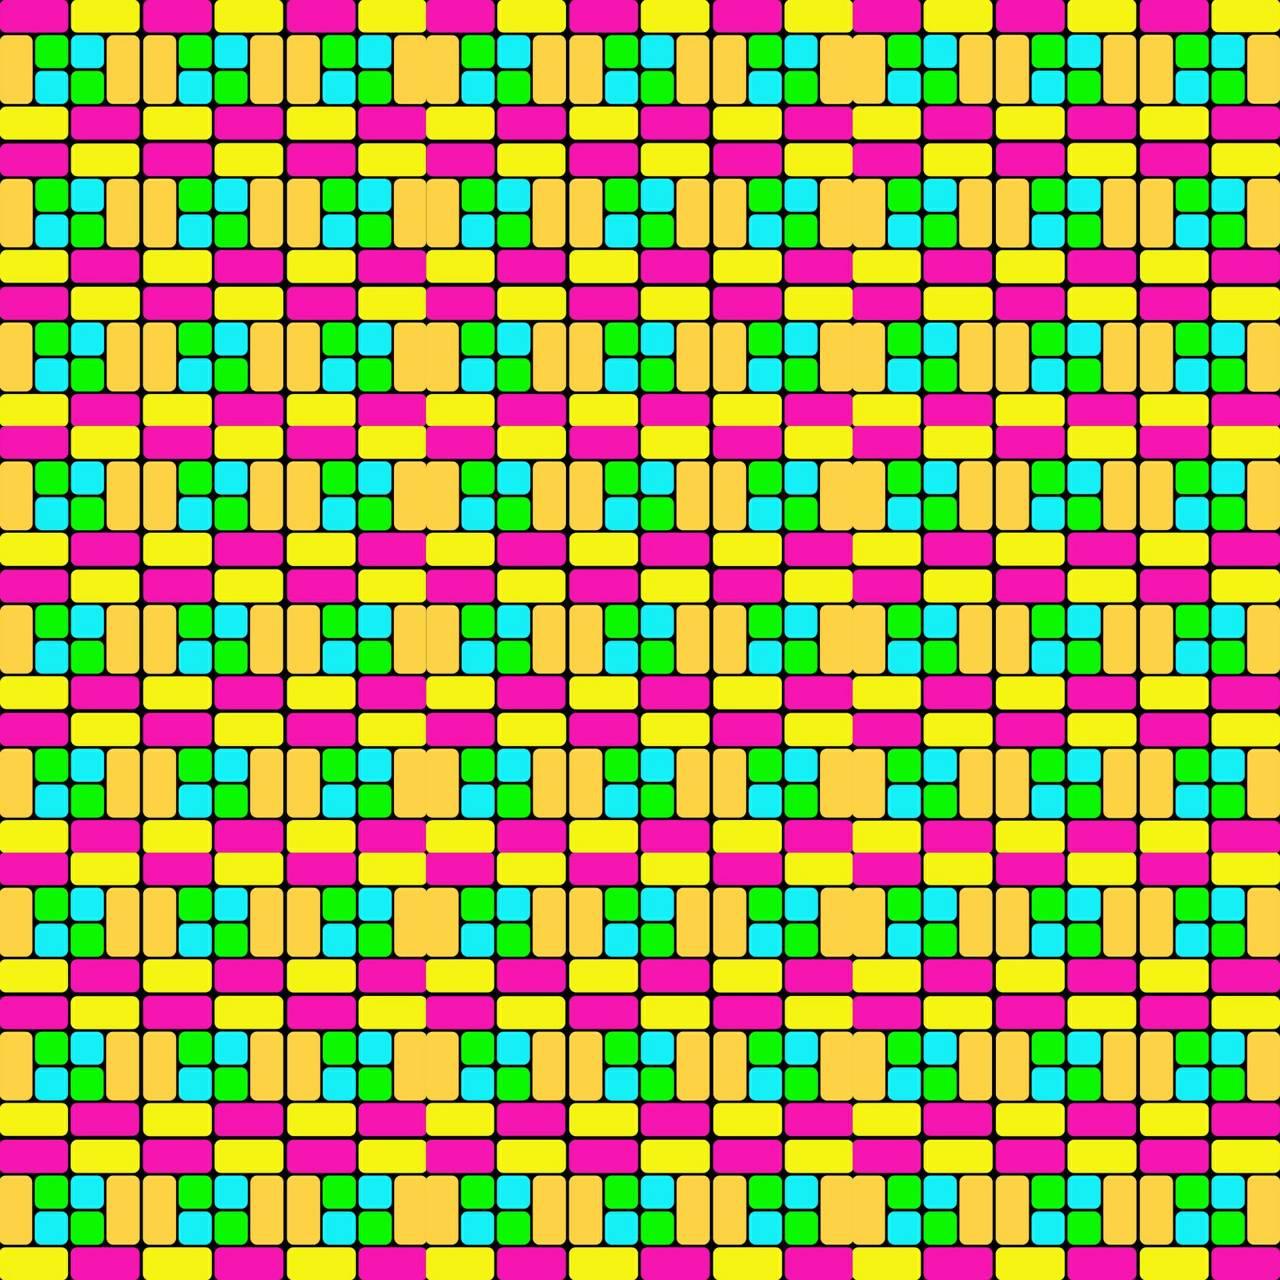 Tiled Wallpaper 14-2